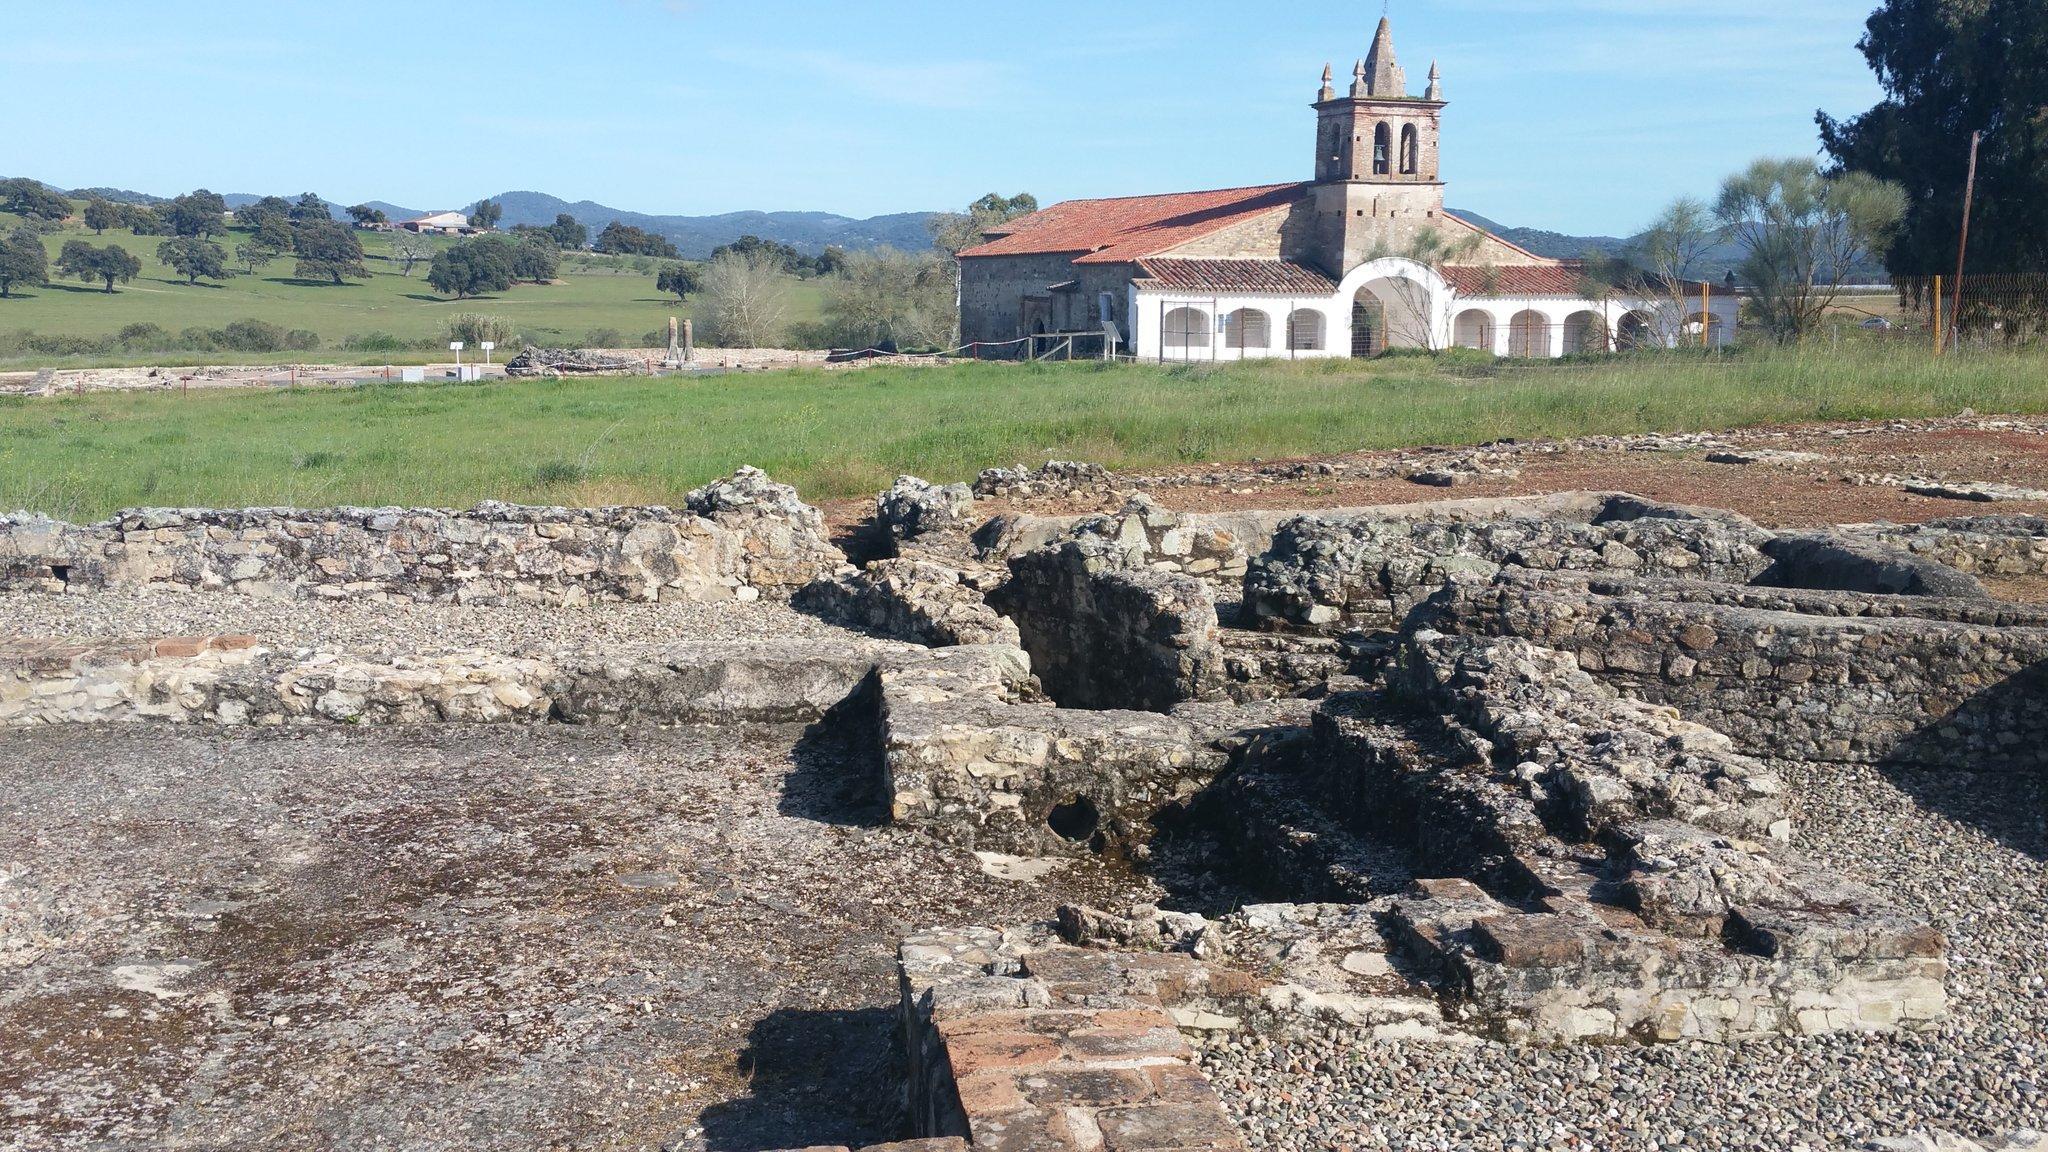 Sorprendentes las ruinas romanas de #Turóbriga en Aroche ��y ¡aún queda muchísimo por encontrar! #HabladeAroche https://t.co/Oqwk5a8hnp